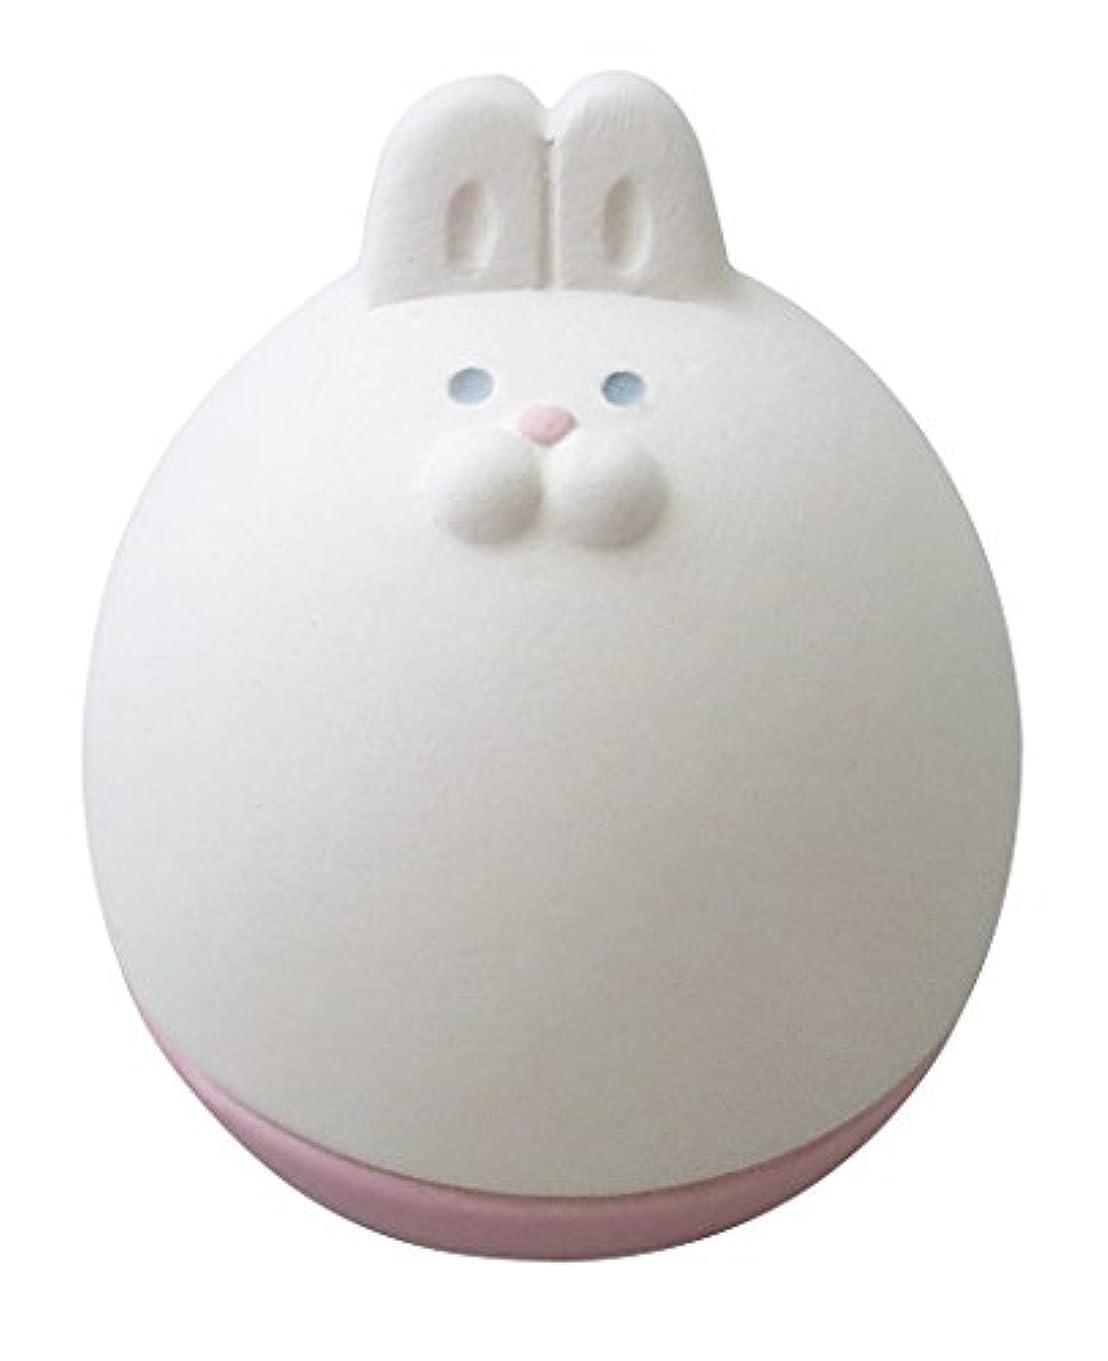 失望人工的なジョブデコレ(DECOLE) アロマおきあがりこぼし ホワイト 5.0×5.7×h6.3 うさ AG-92303